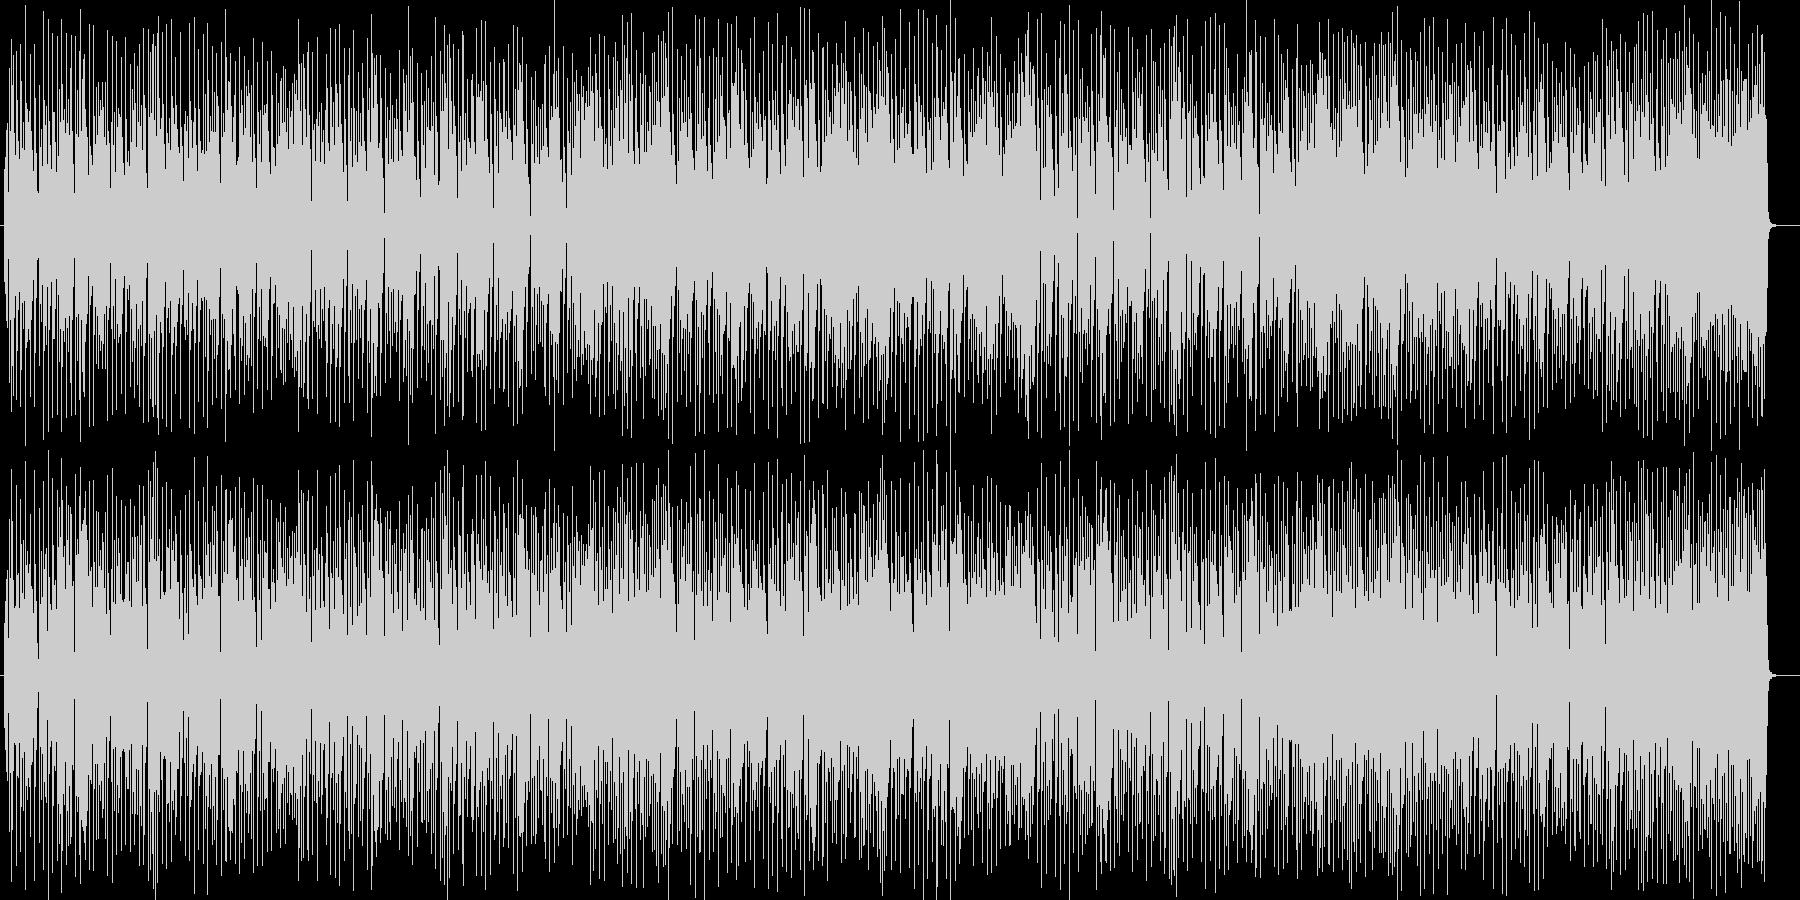 宇宙感のある楽しいシンセサイザーサウンドの未再生の波形